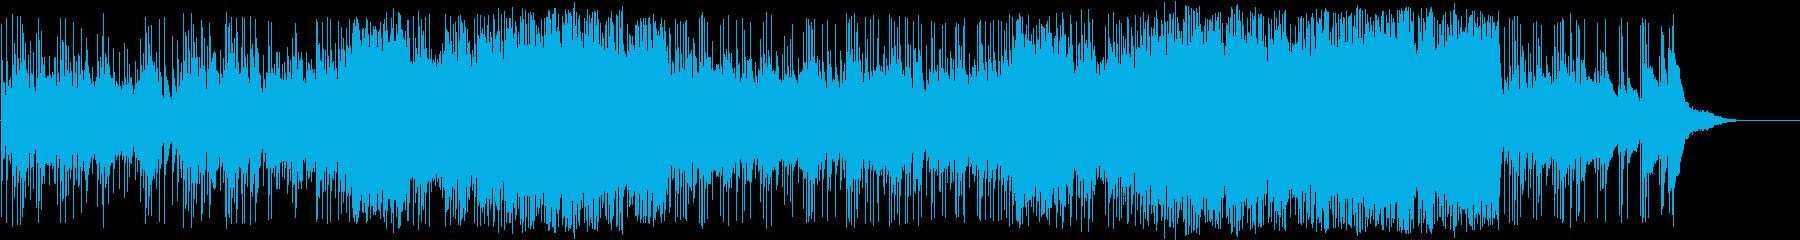 感謝を表現した美しいピアノバラードの再生済みの波形